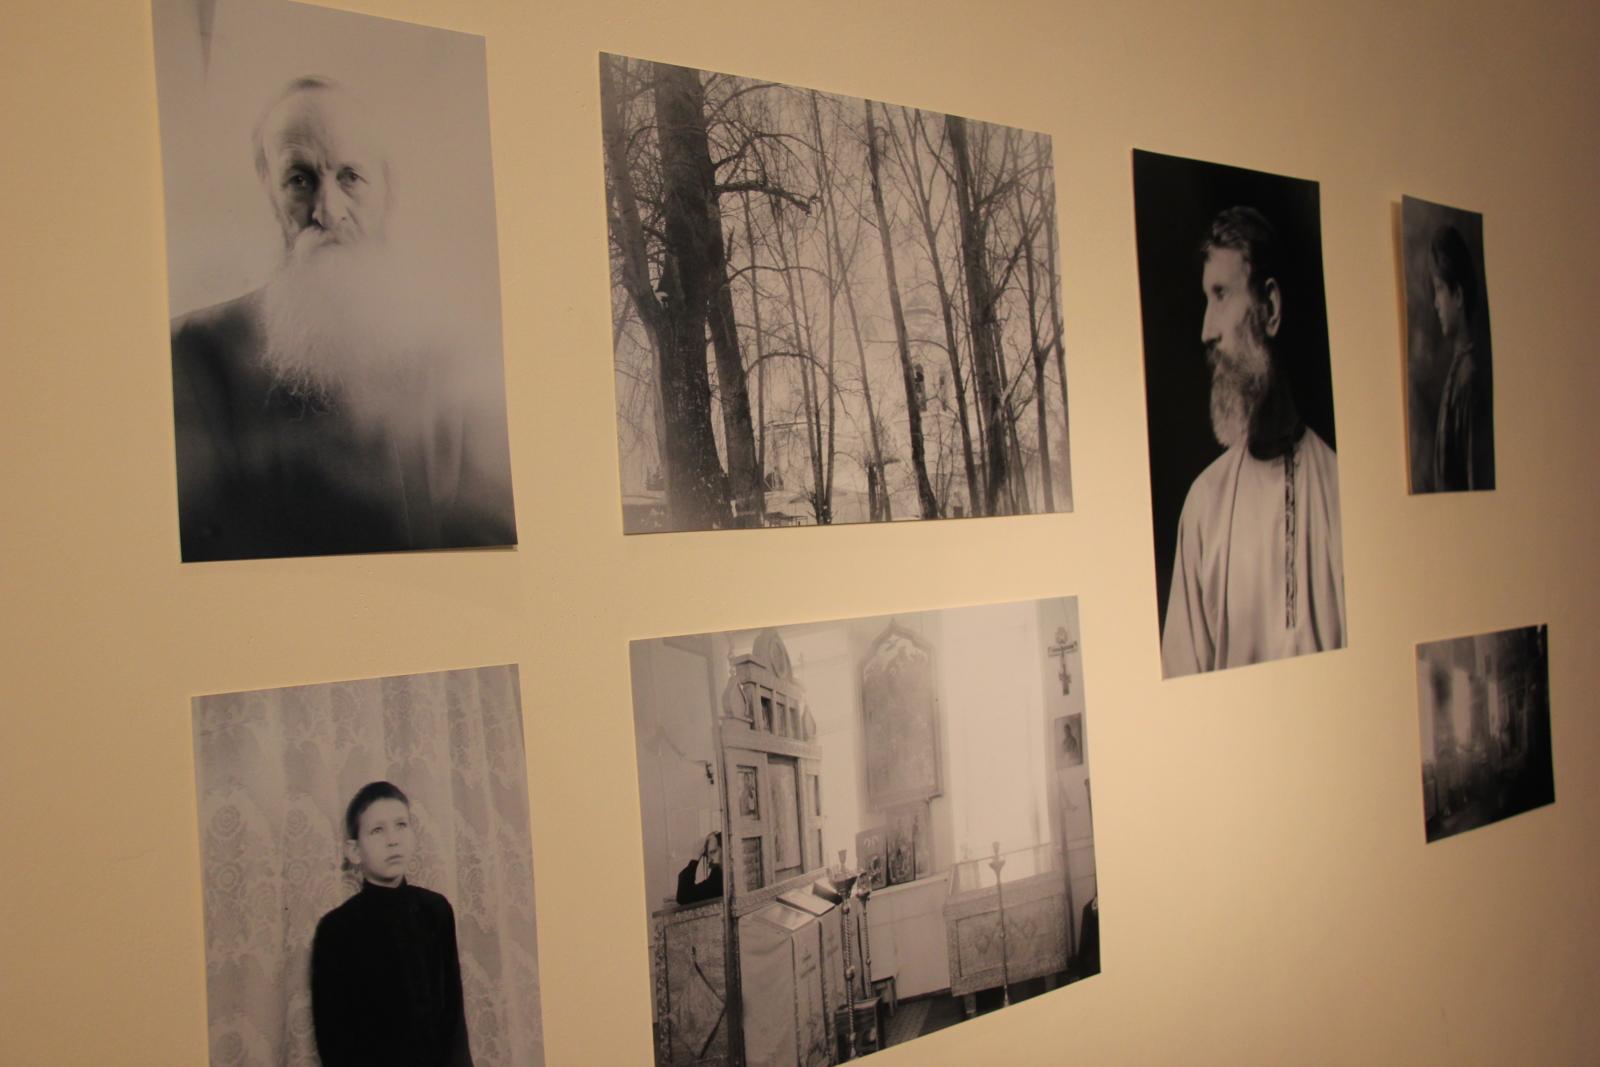 Снимки Федора Телкова на одной из старообрядческих выставок в Екатеринбурге